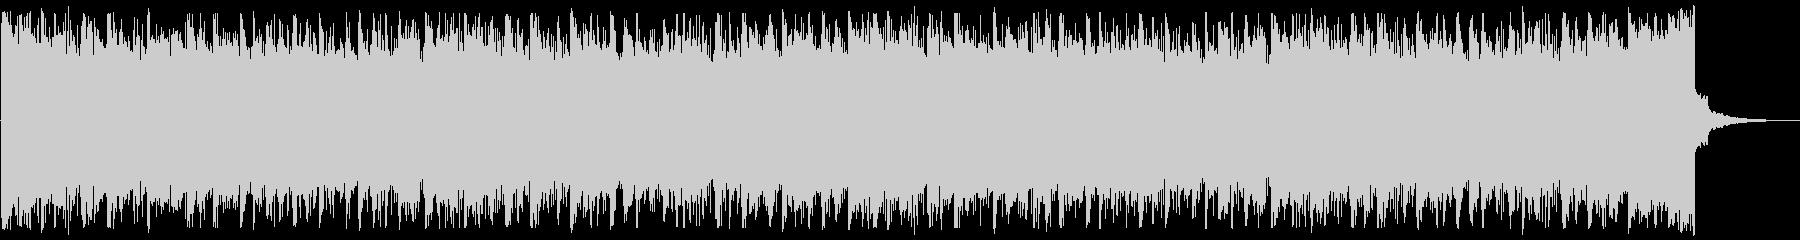 電子/疾走感/ロック_No358_5の未再生の波形